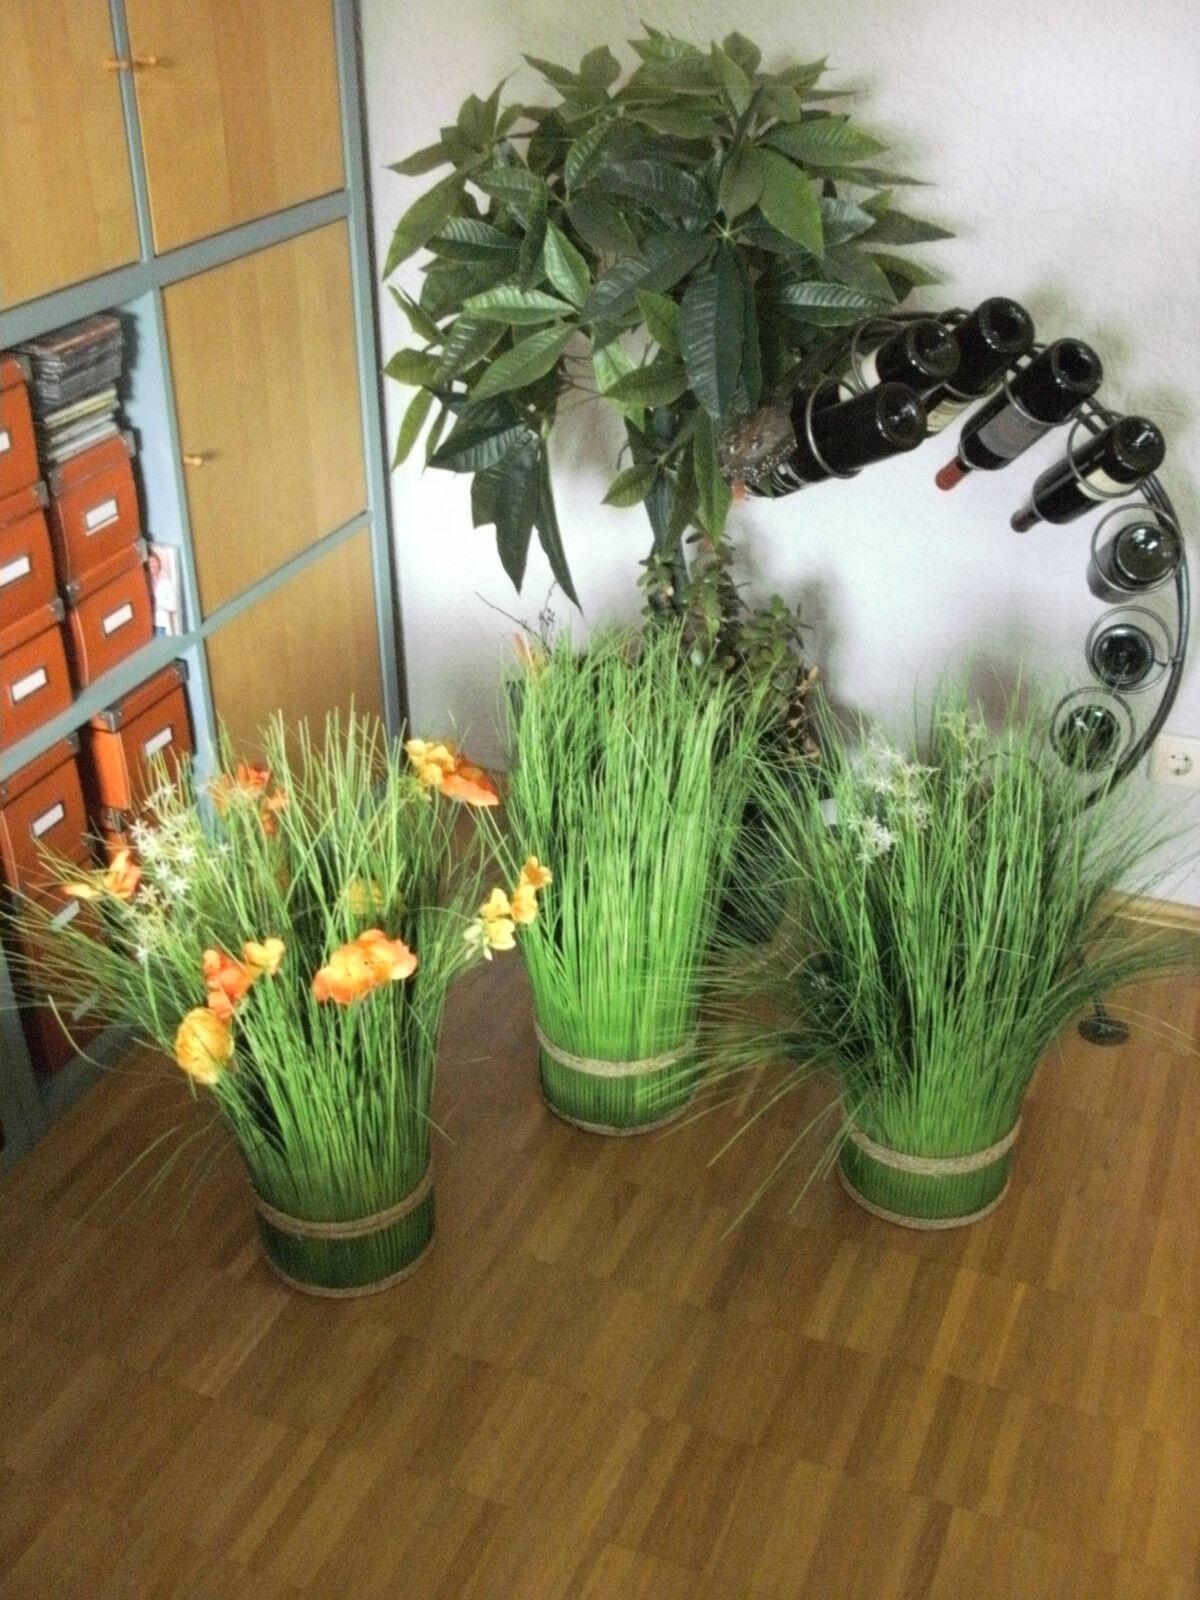 Kunstpflanzen grasb schel blumen kunstblumen hotel Dekoration blumen